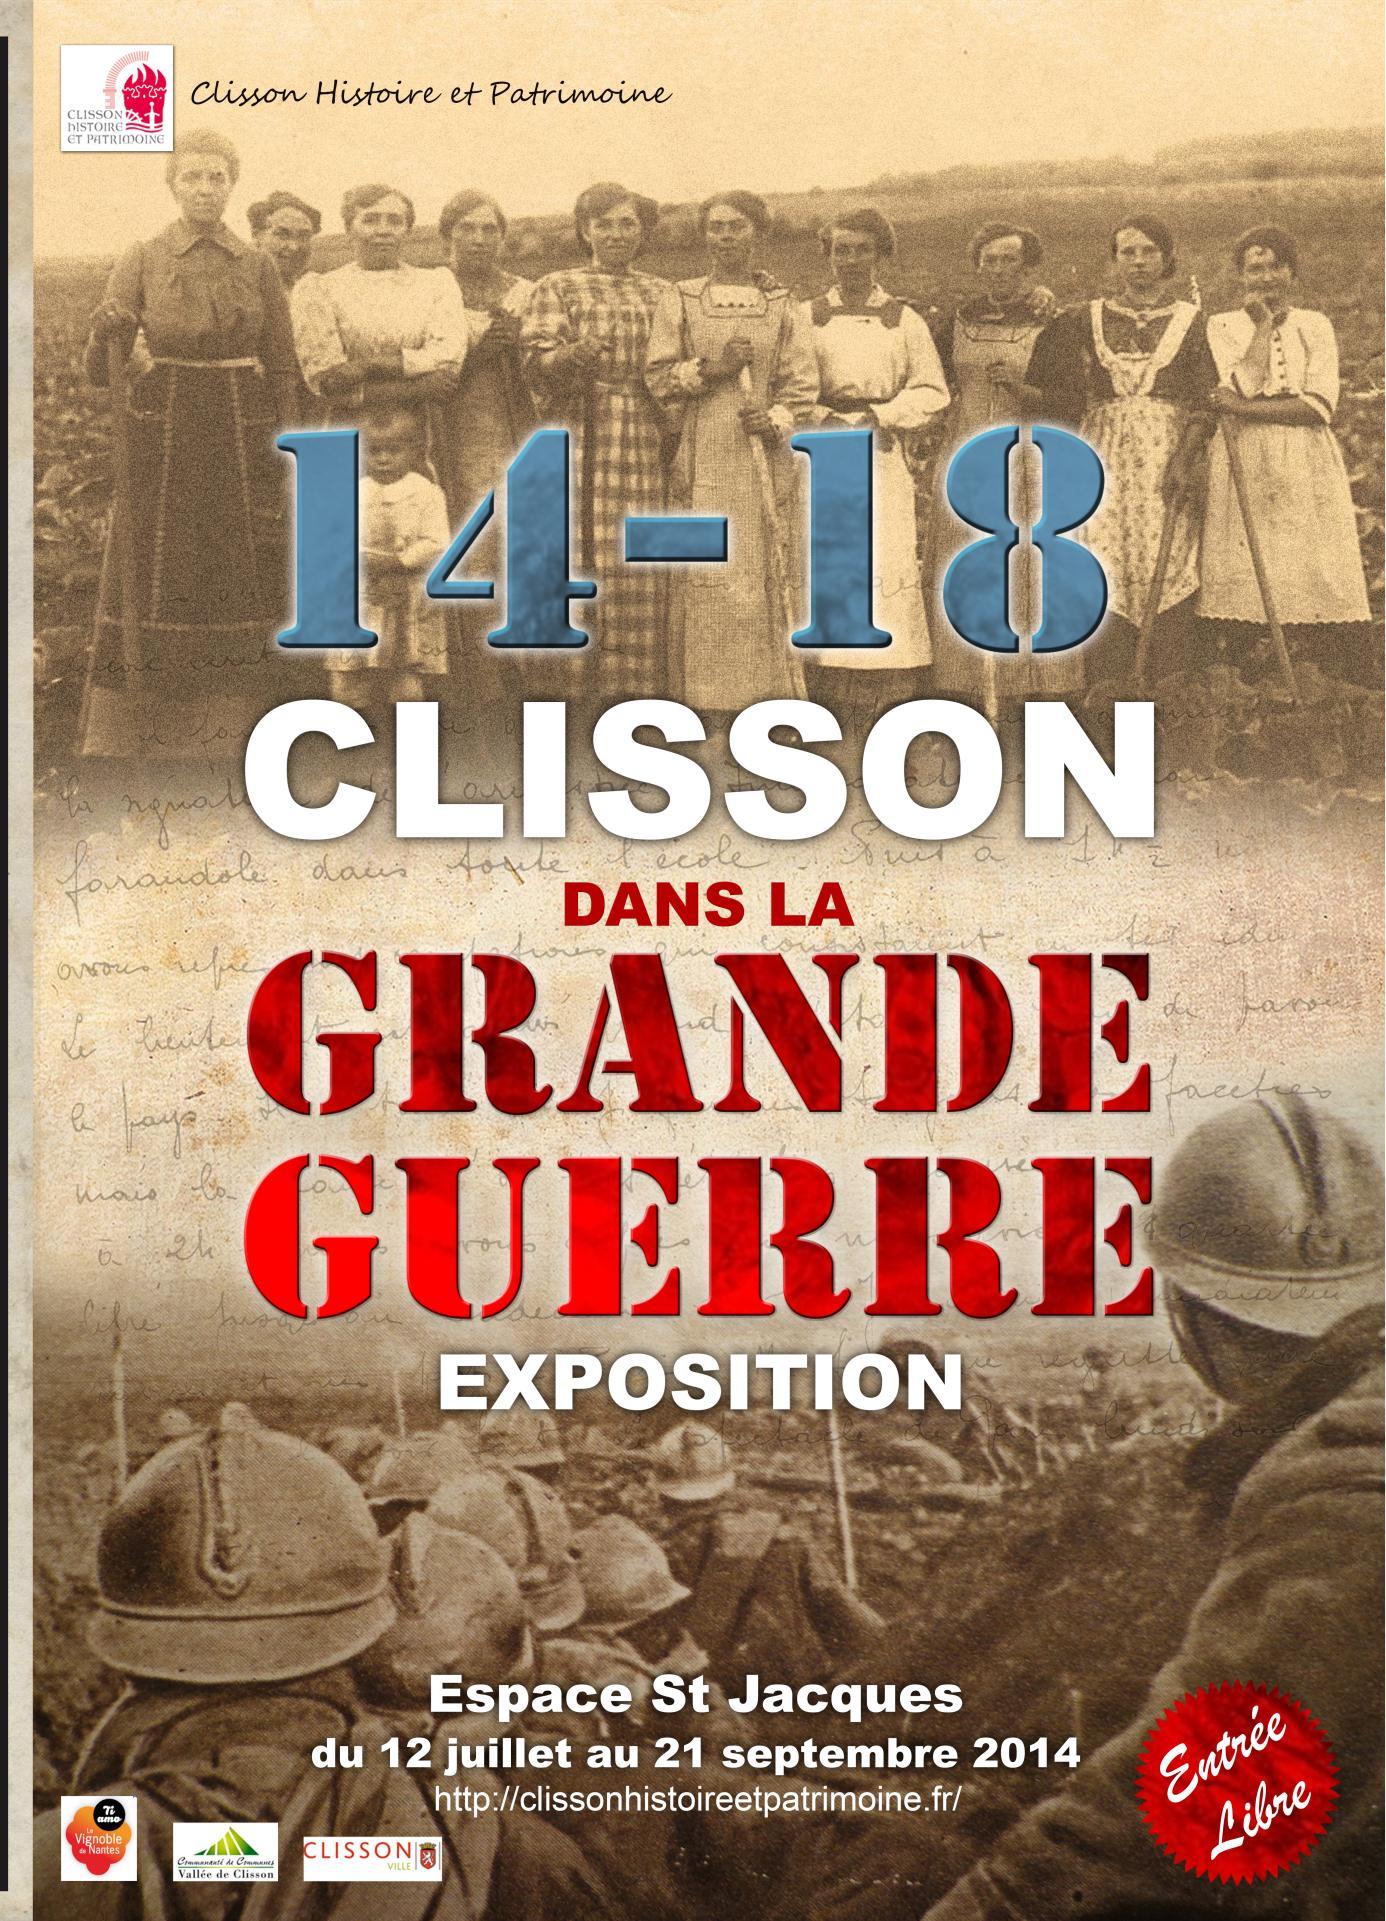 Publications clisson histoire et patrimoine - Office de tourisme de clisson ...